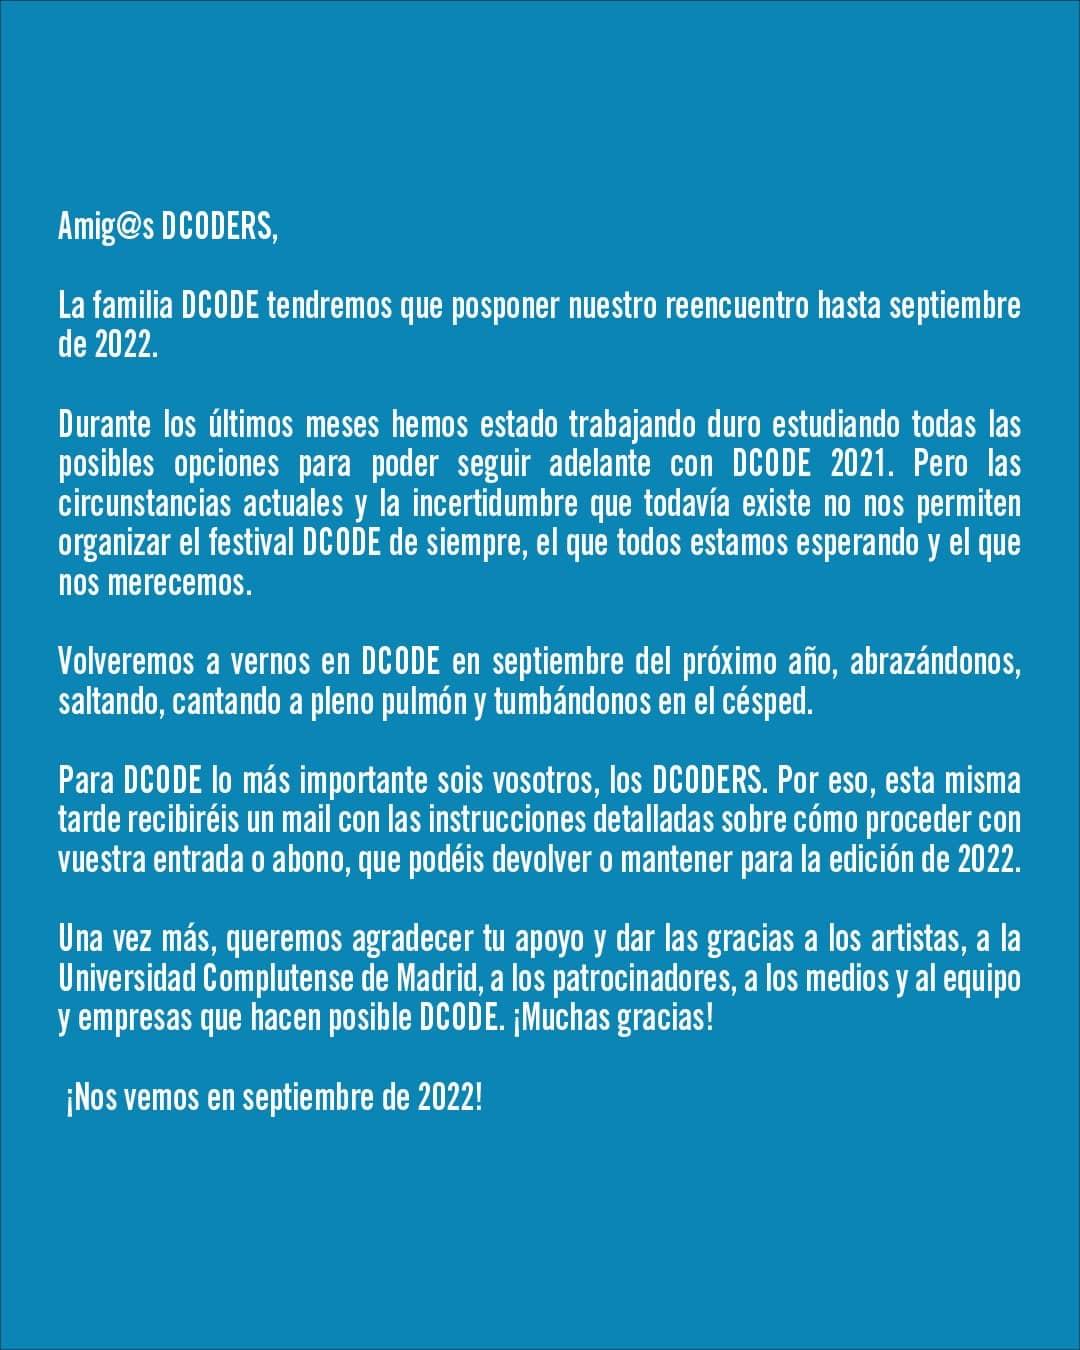 Dcode-2021-cancelado